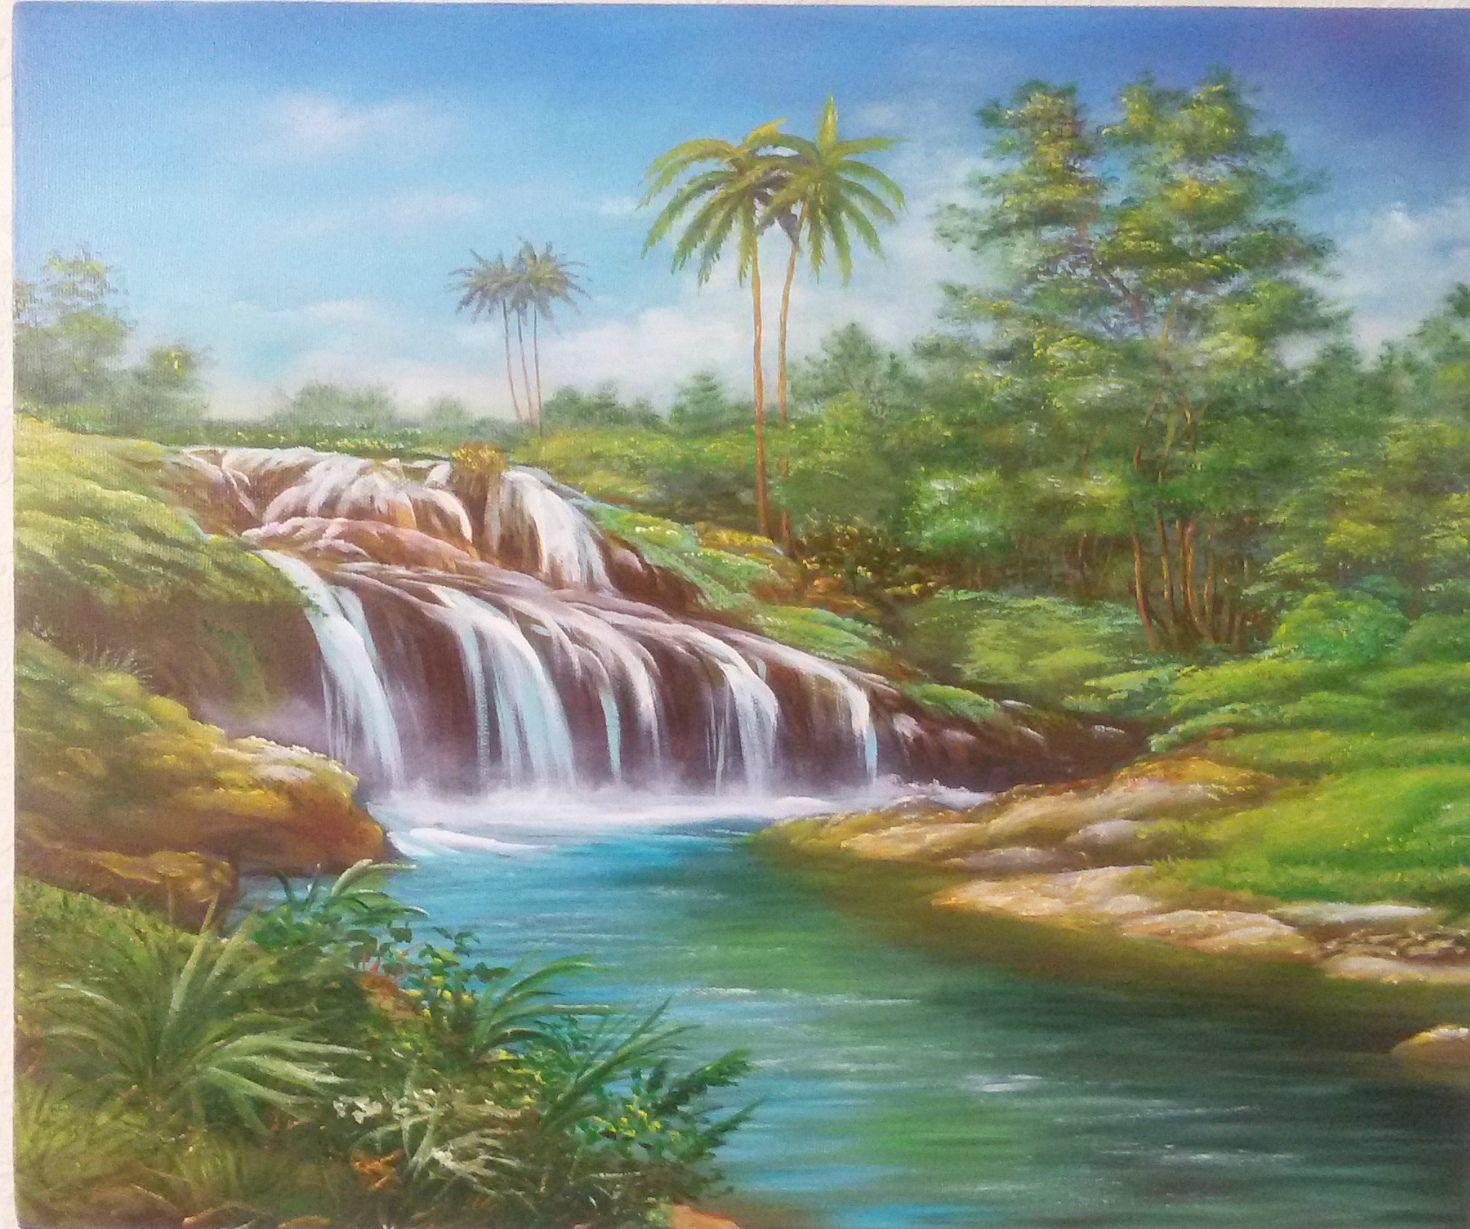 художники картинынахолсте природа живопись картины пейзаж